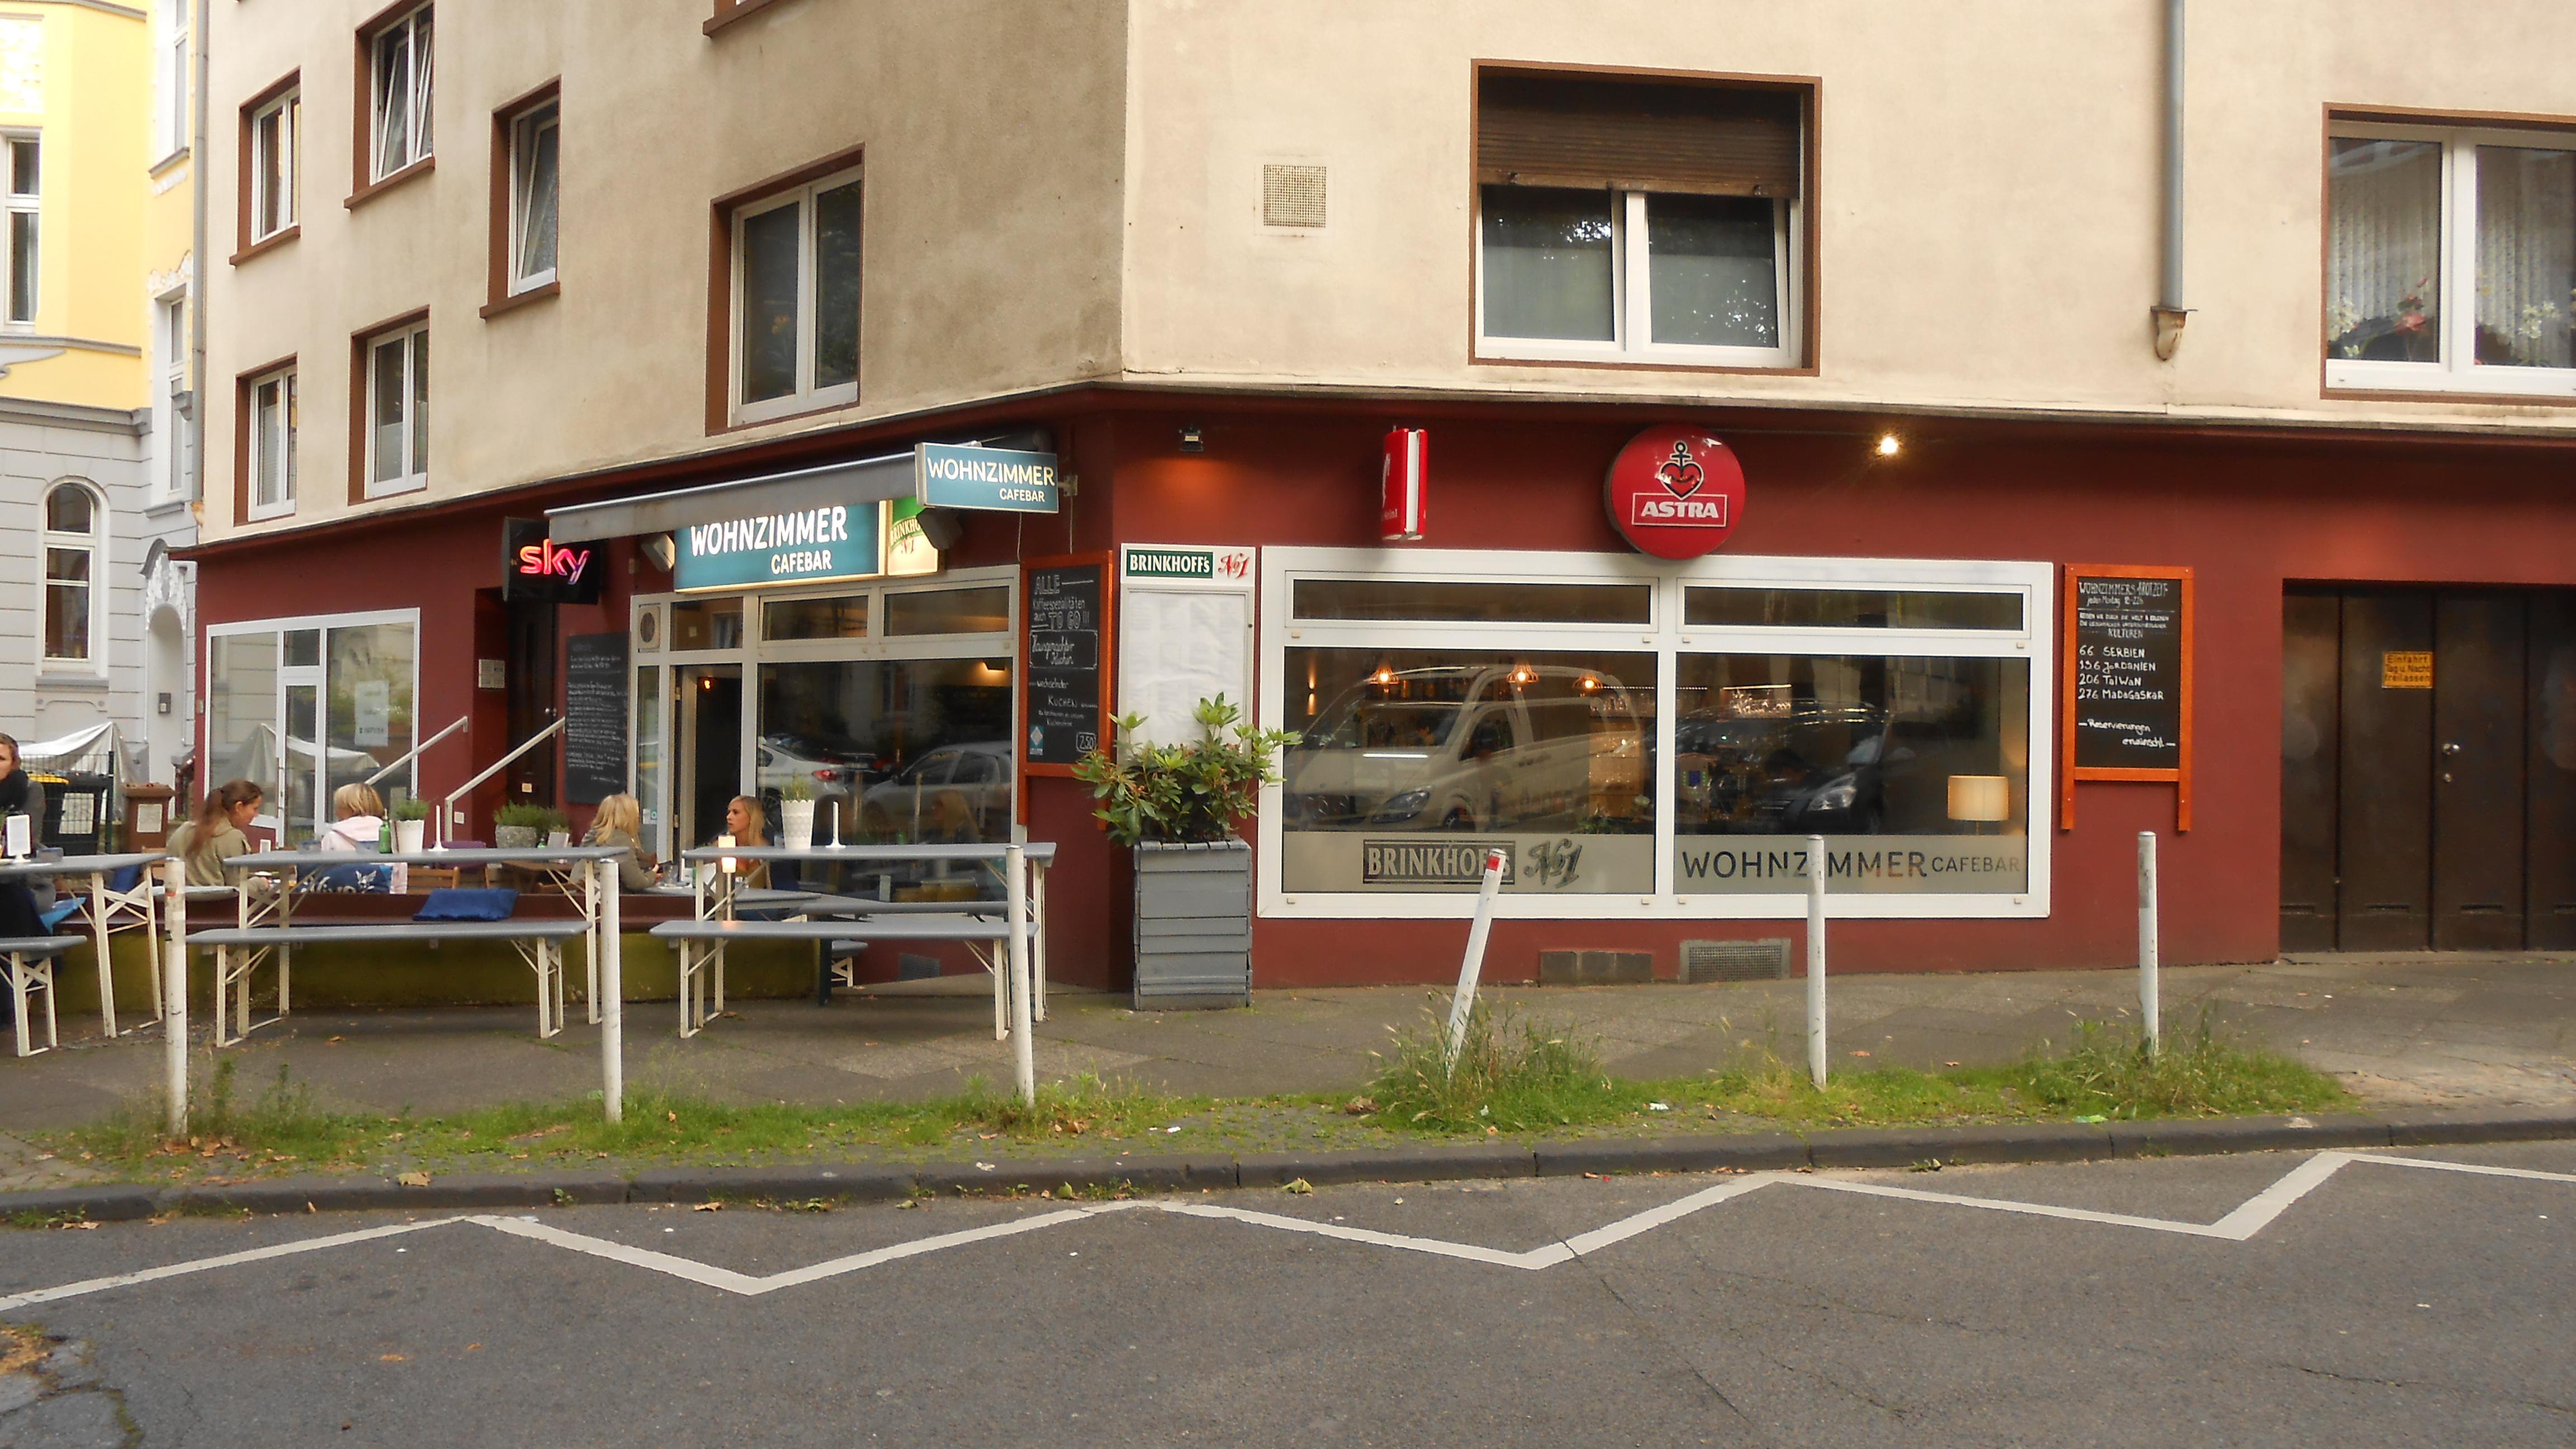 Cafe Im Wohnzimmer Atmosühäre Alte Möbel Pflanzen Wohnzimmer Feel